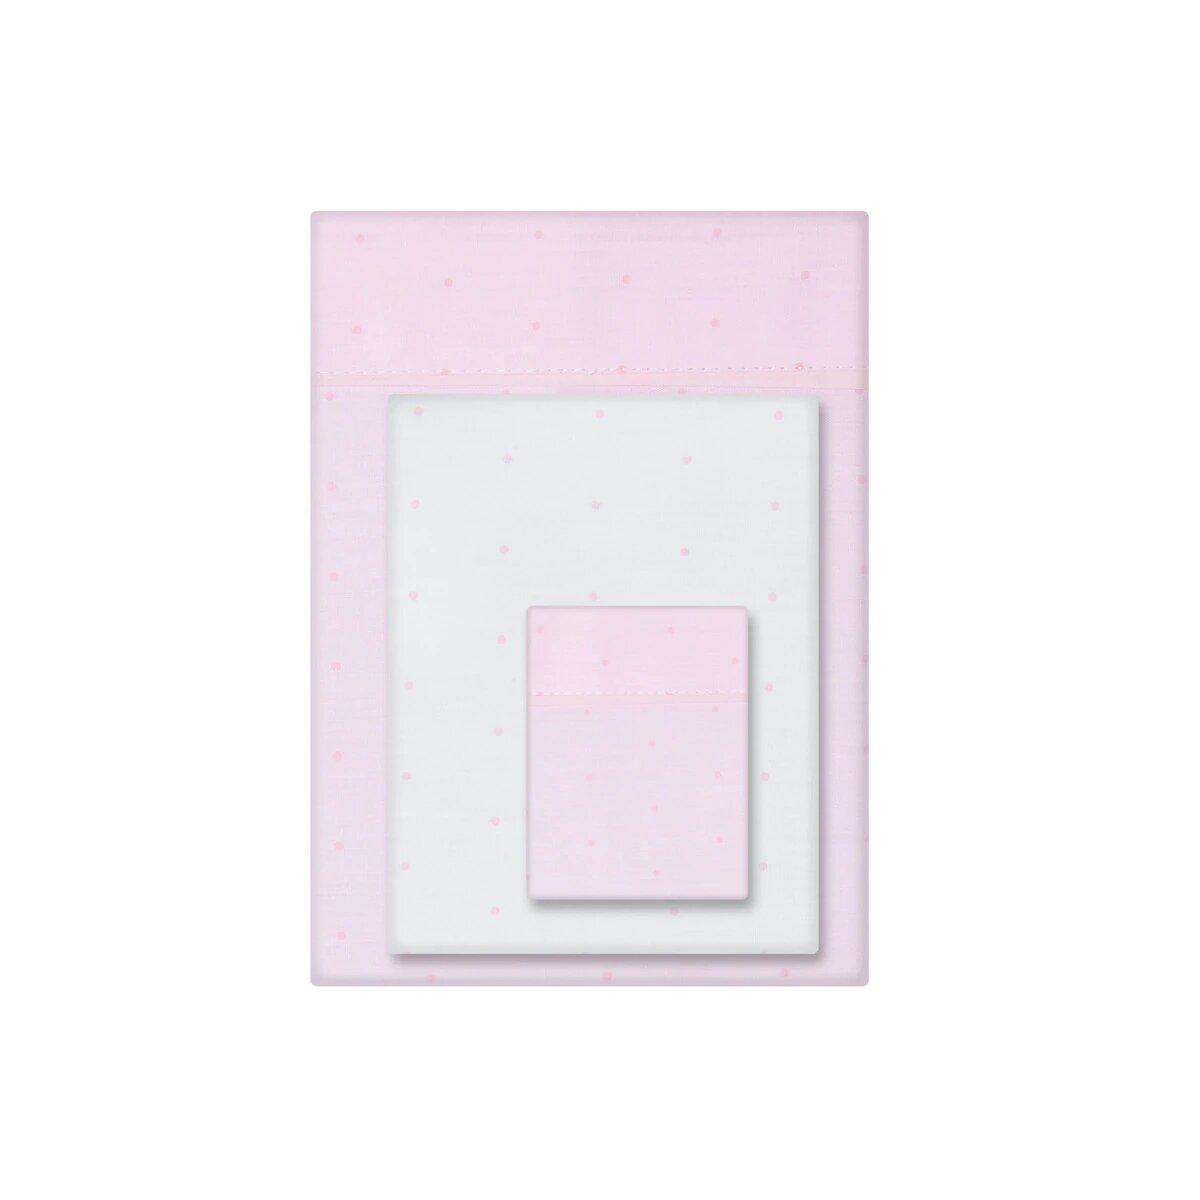 Juego de Sábanas 3 piezas para Cuna (60 x 120 cm.) Cotton Juice Baby Home con estampado rosa